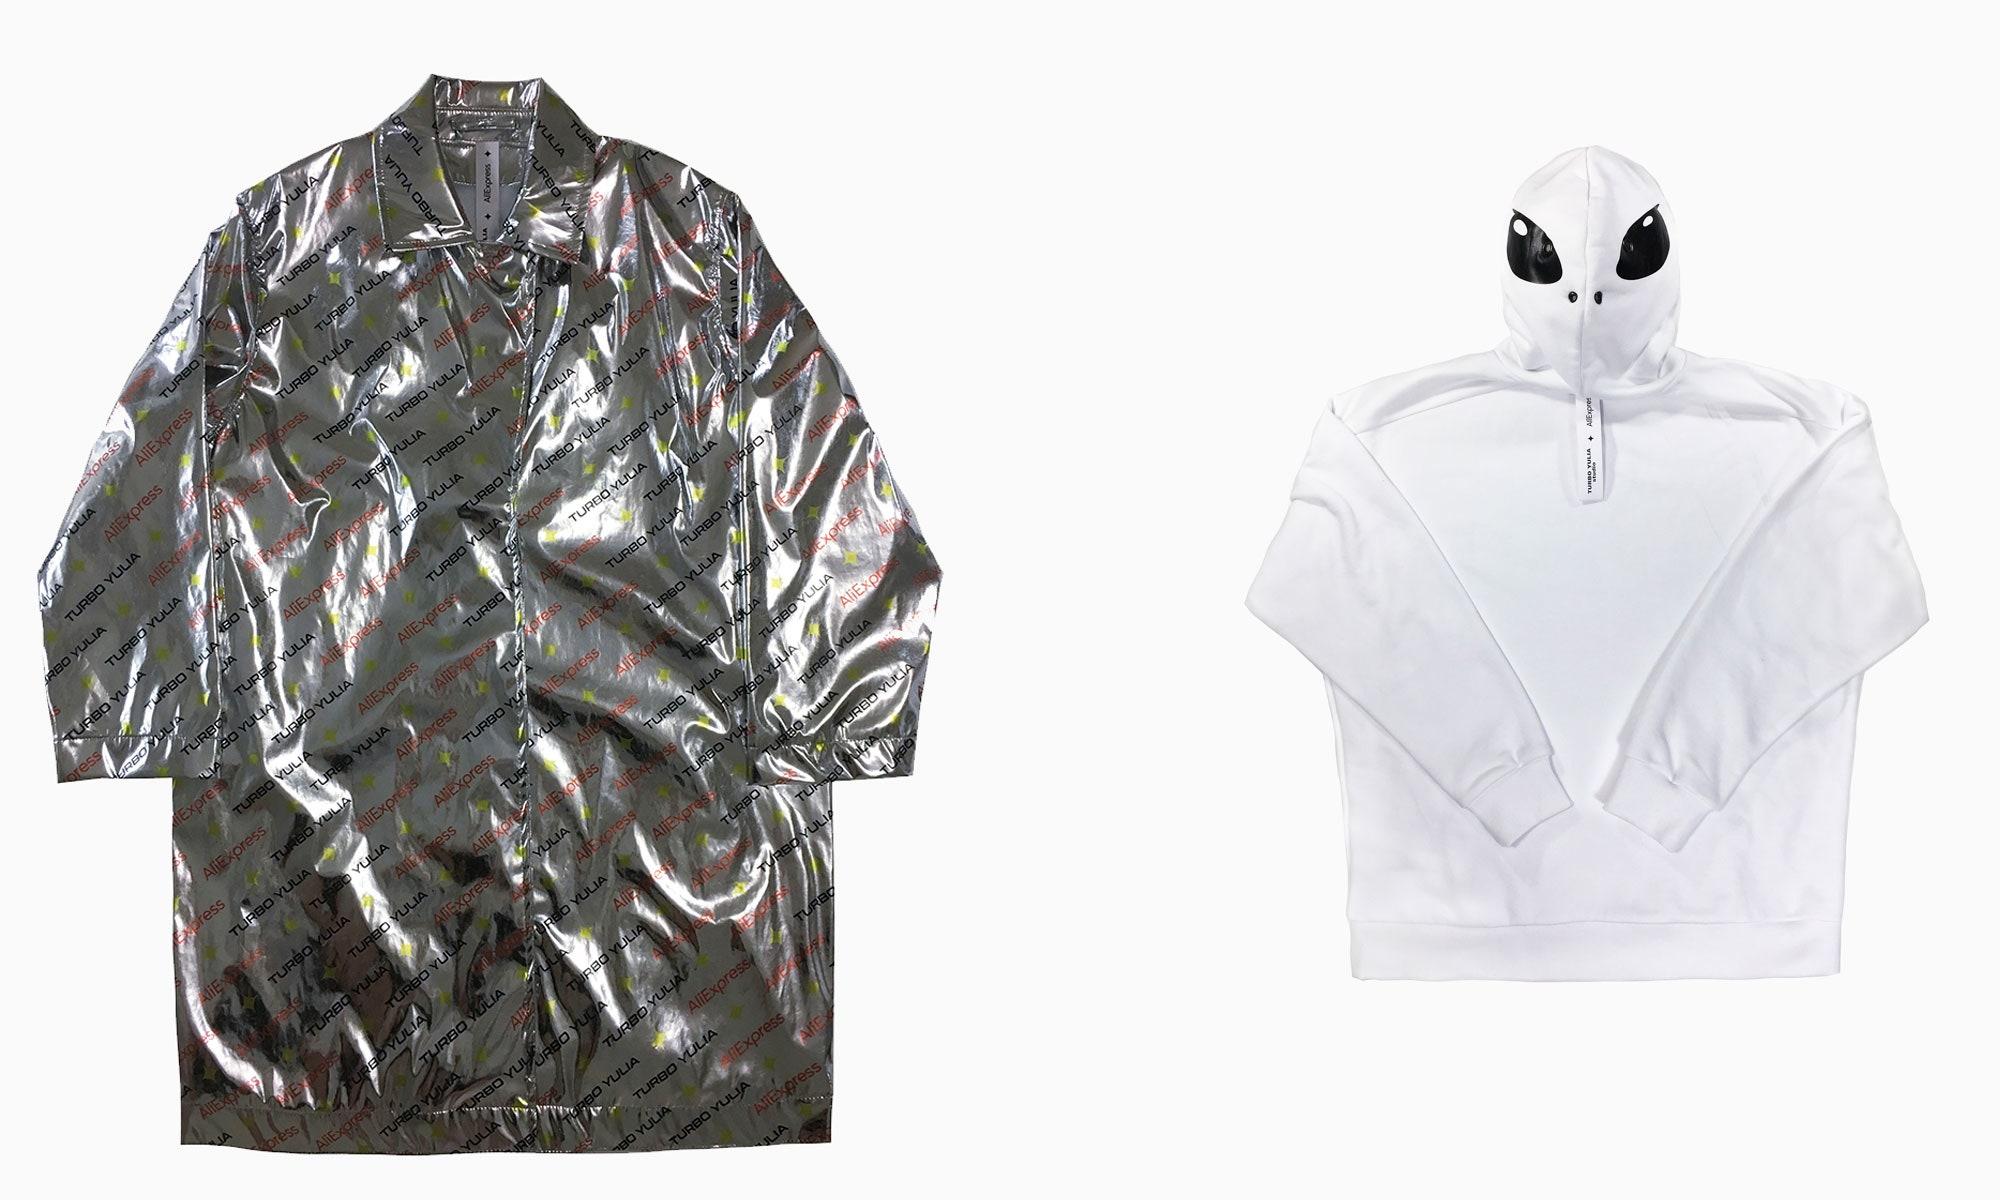 Мода будущего в 7 коллаборациях AliExpress с русскими брендами